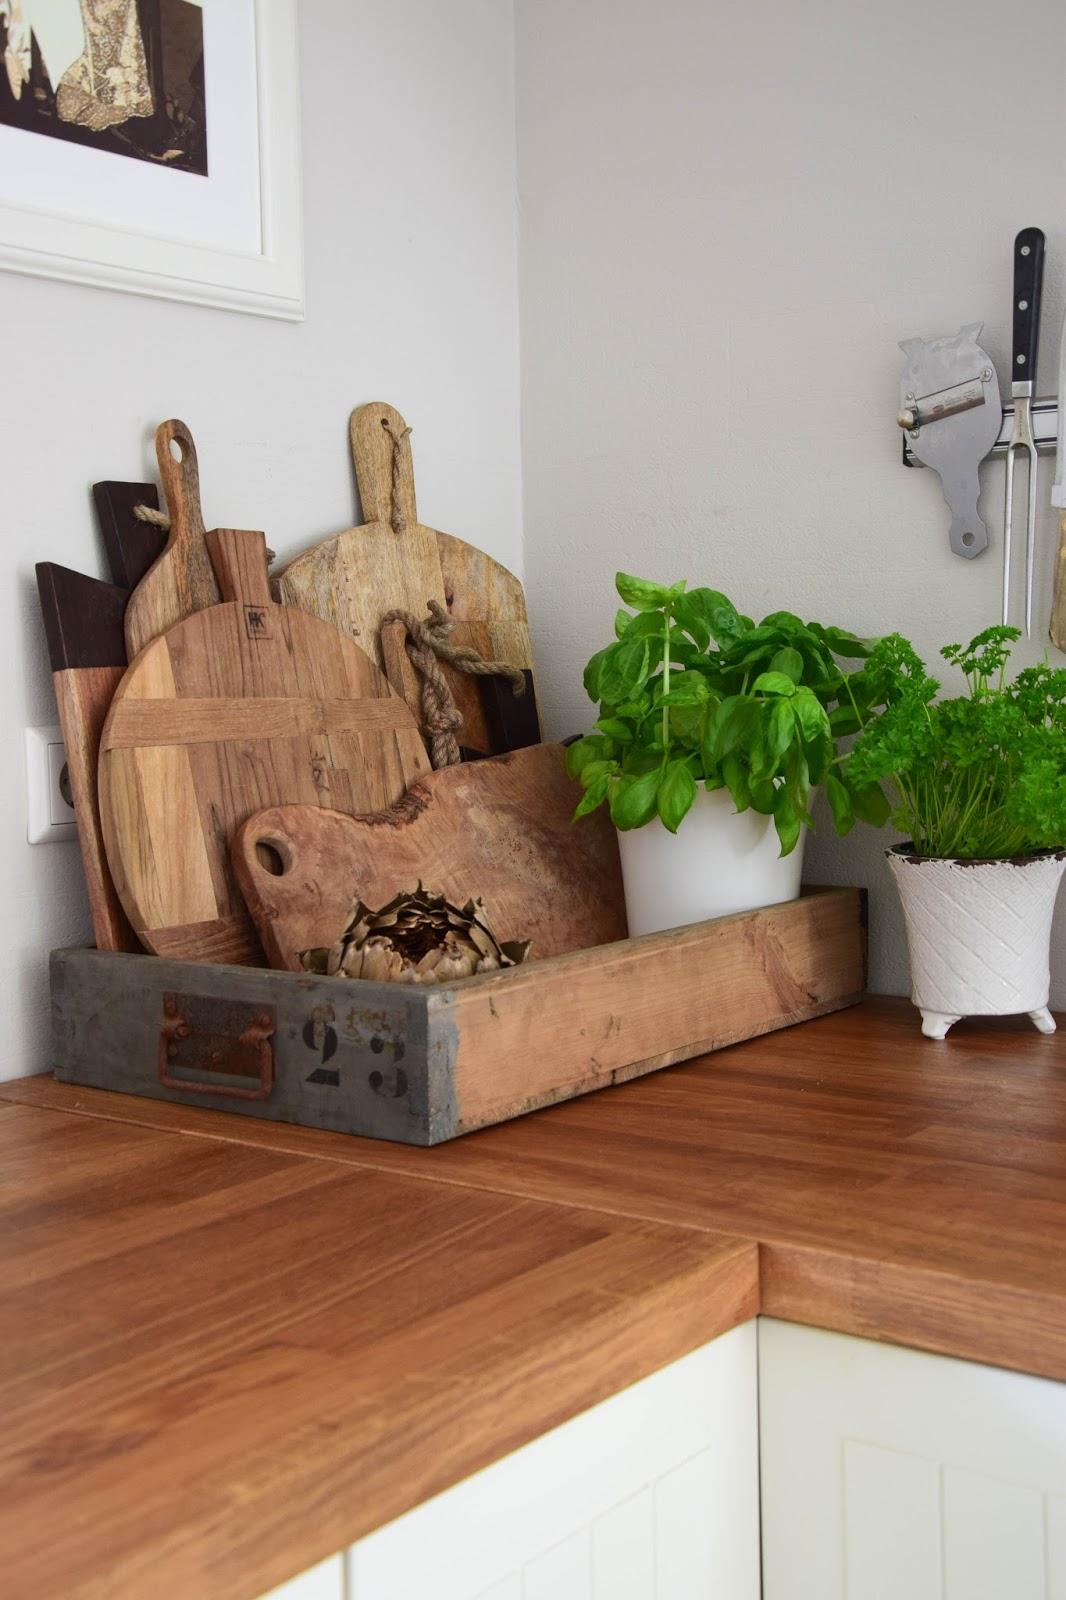 Ideen zur Aufbewahrung für eure Schneidebretter in der Küche: mit einer Holzkiste. Stauraum Holzbretter Landhausküche Auswahl der schönsten Schneidebretter aus Holz